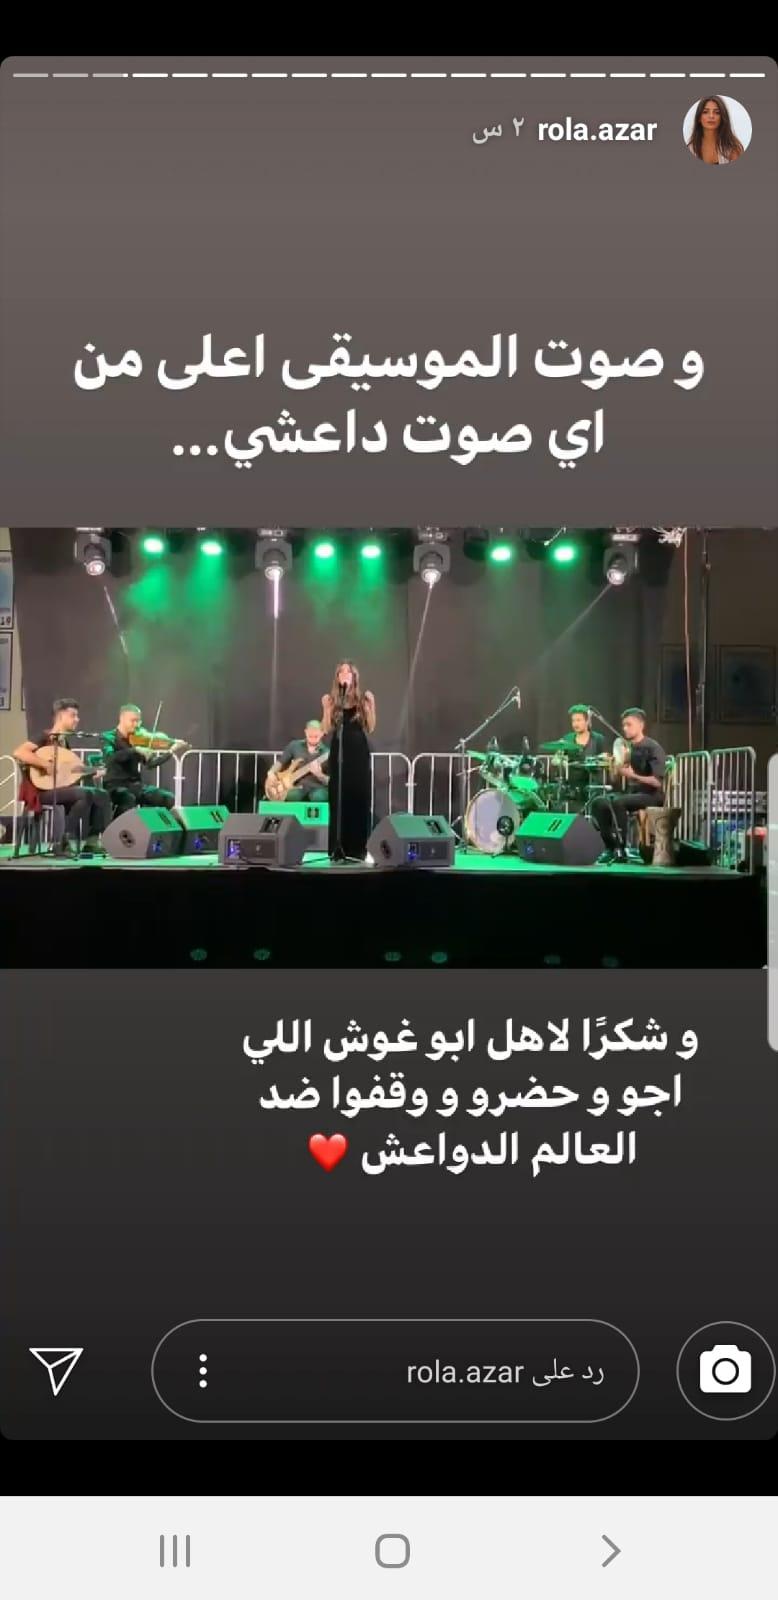 """""""קולה של המוזיקה גבוה יותר מכל קול של דאע""""ש. תודה לתושבי אבו גוש שבאו והשתתפו ועמדו נגד תומכי דאע""""ש"""" (ציוץ של הזמרת רולא עאזר בחשבון הטוויטר שלה)"""